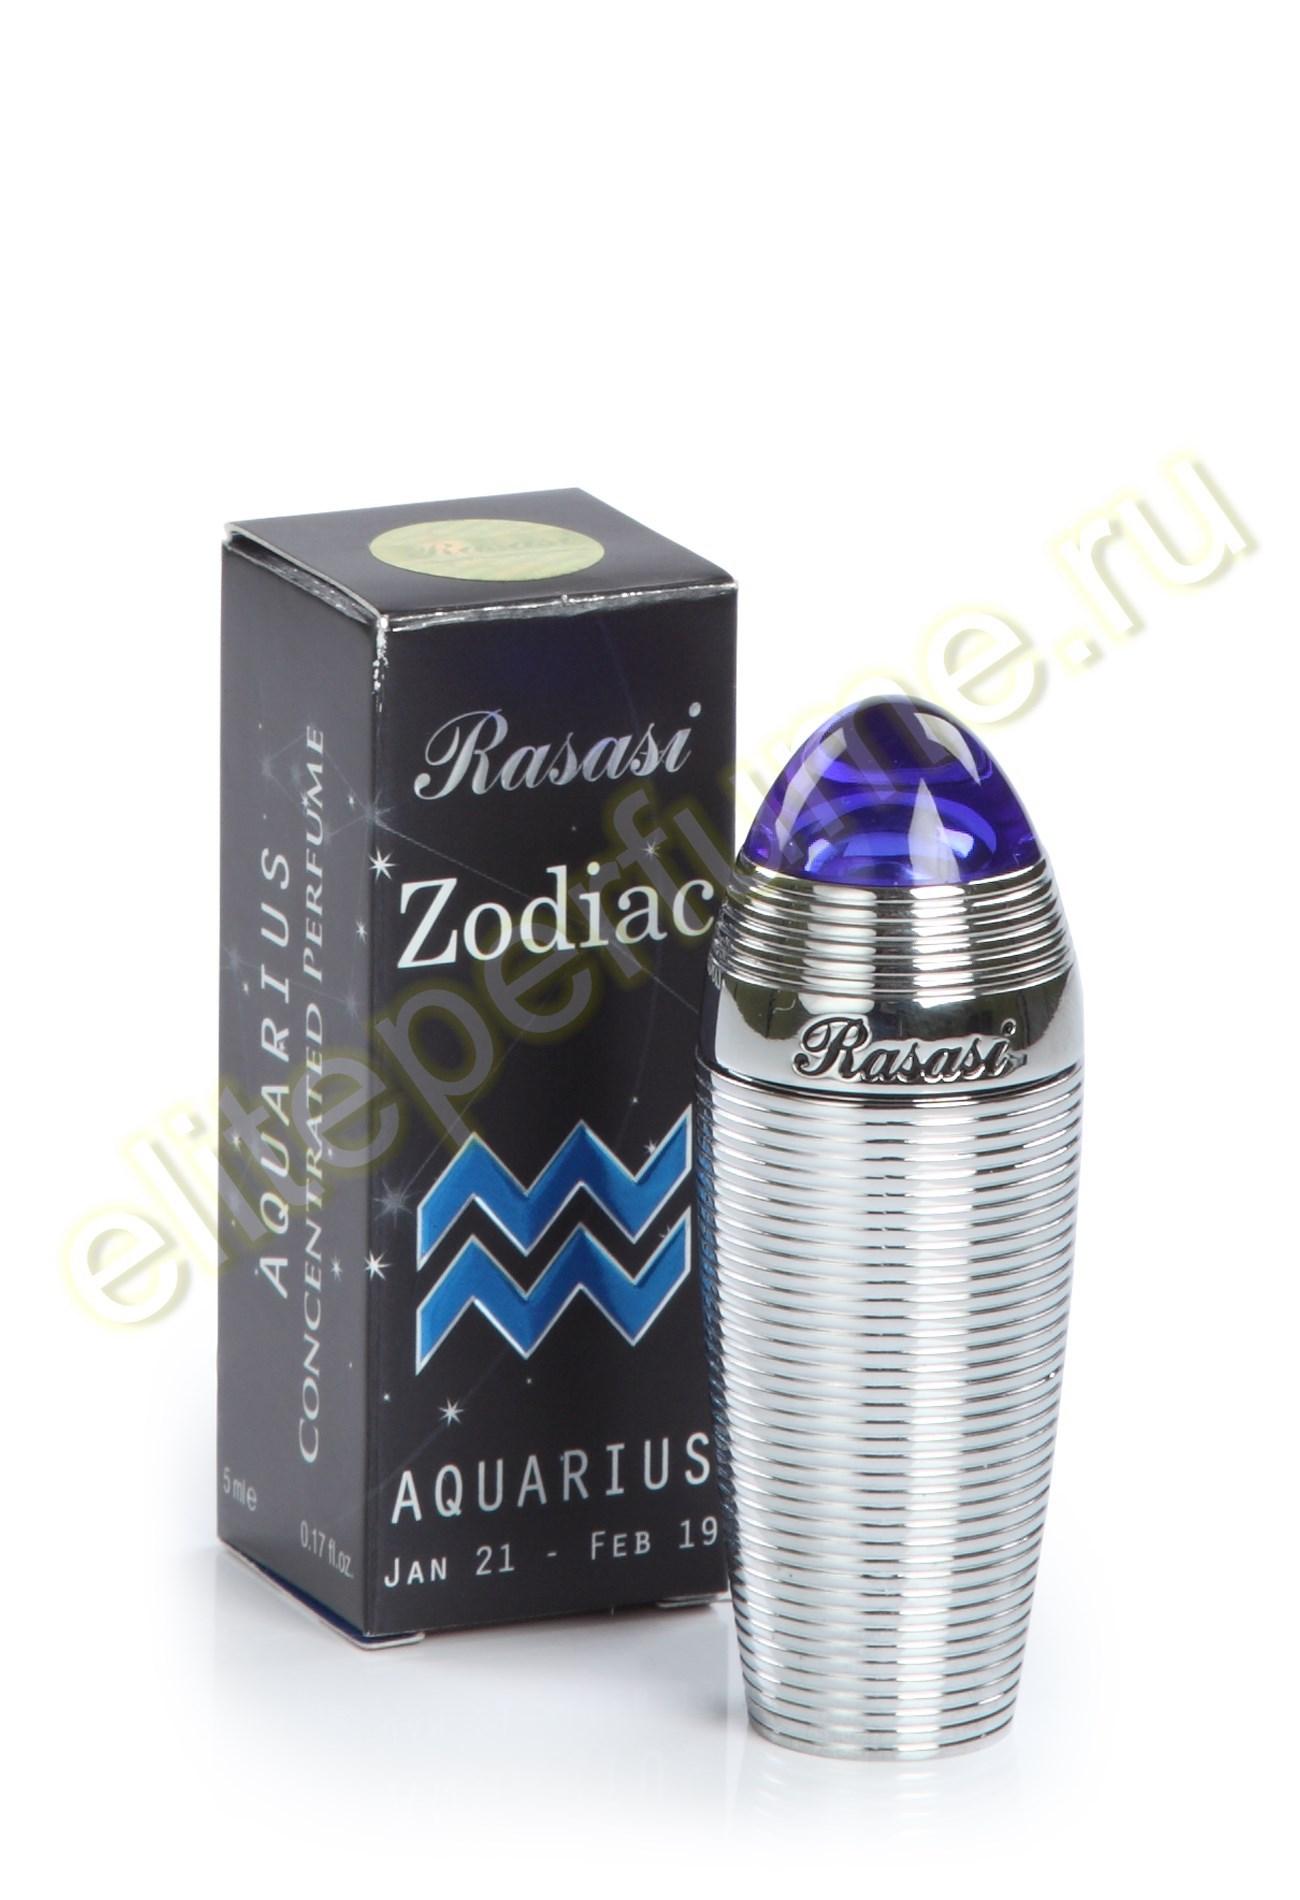 Зодиак Водолей Zodiac Aquarius 5 мл арабские масляные духи от Расаси Rasasi Perfumes